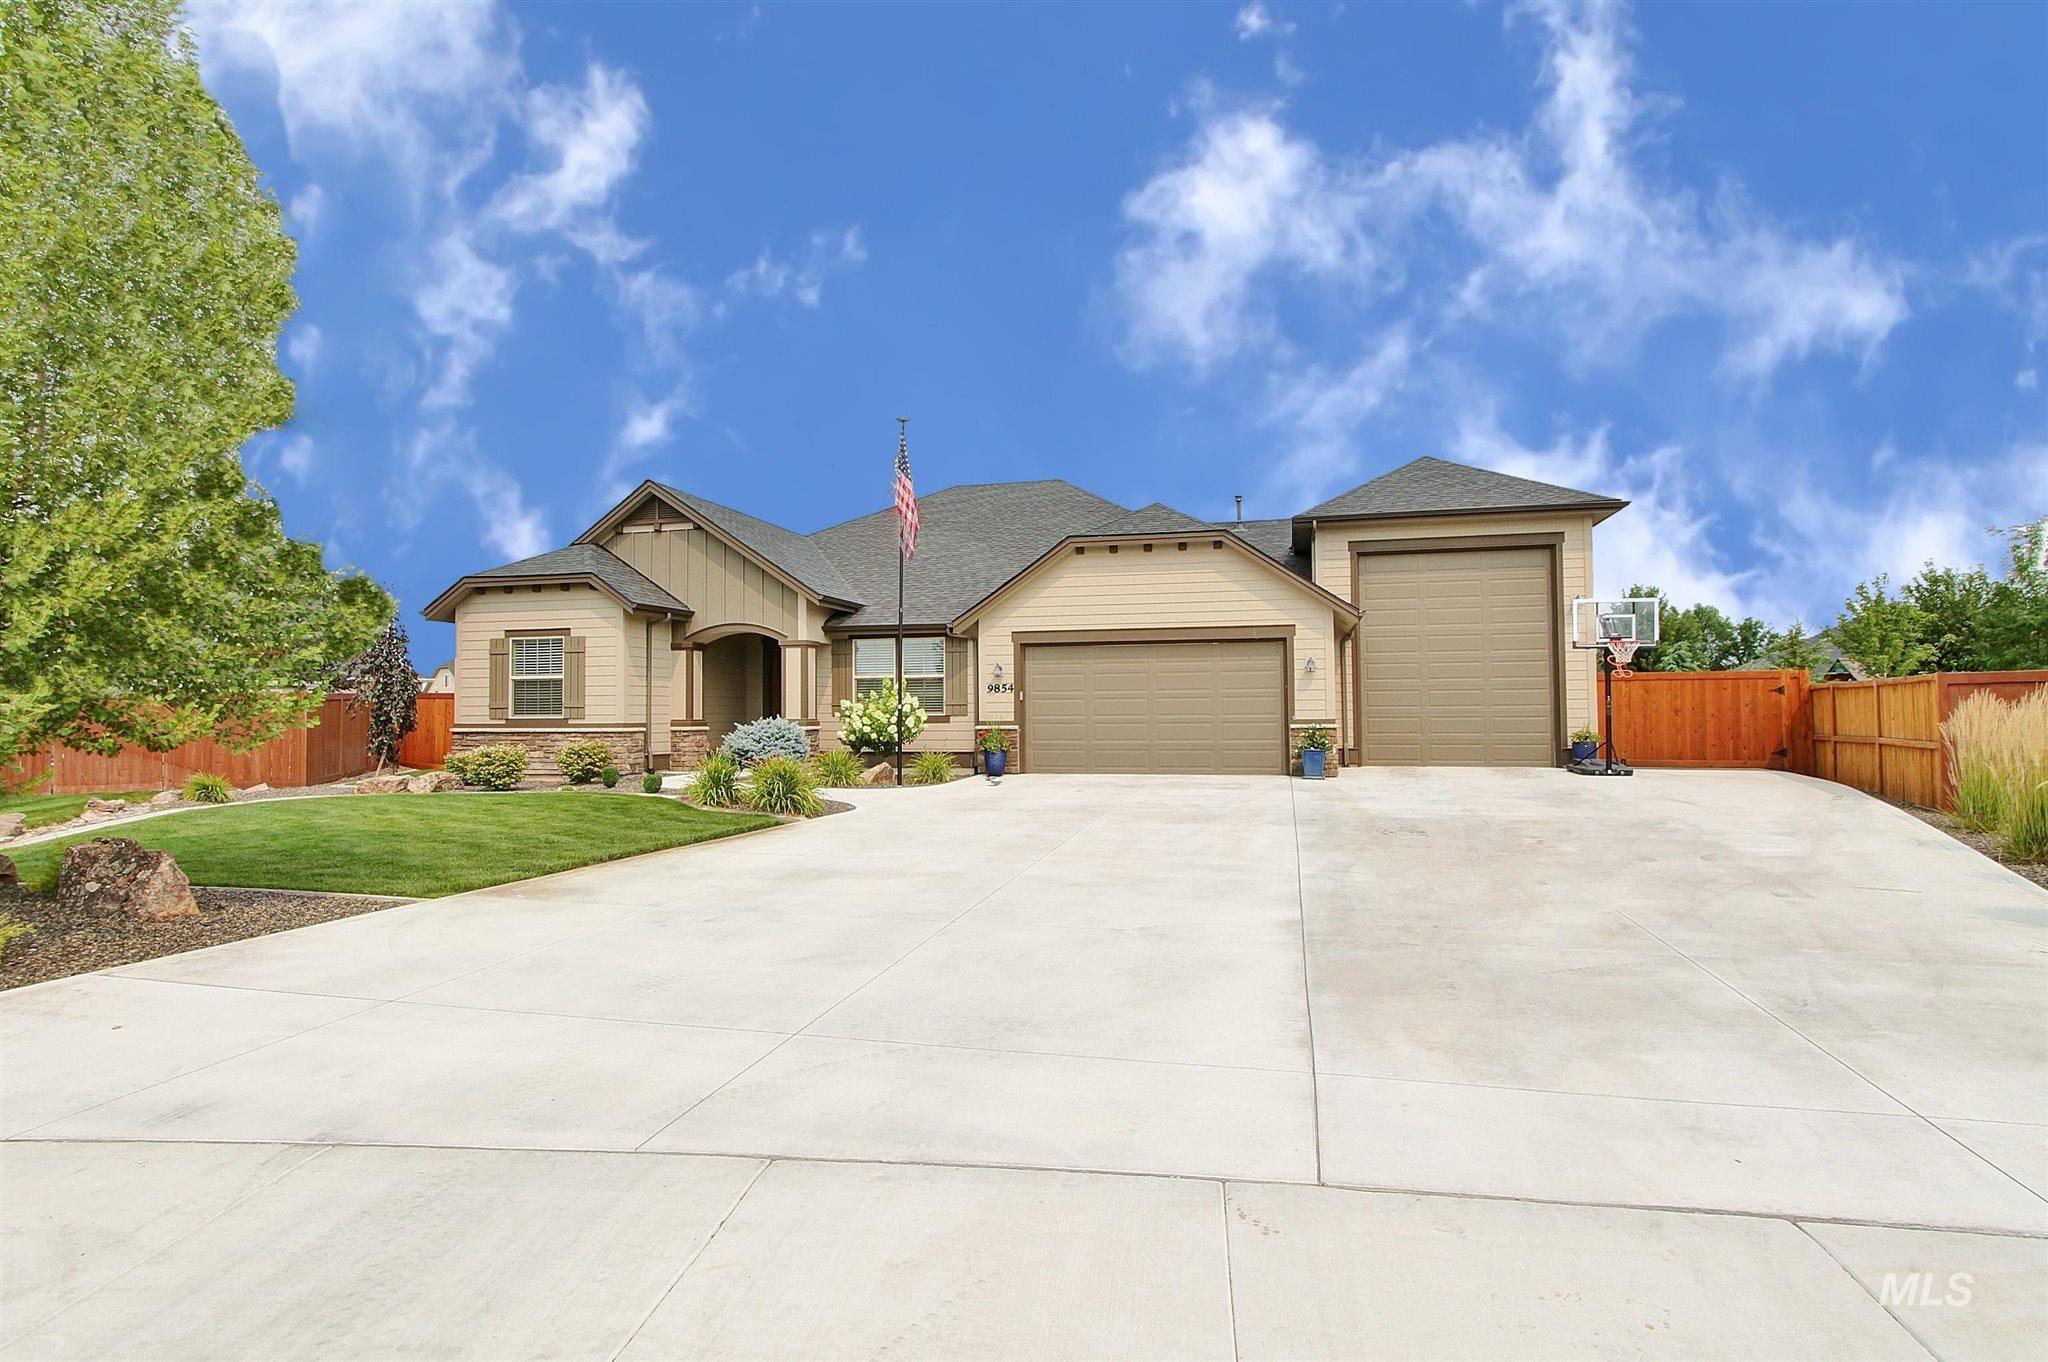 9854 W Purple Ash Dr Property Photo